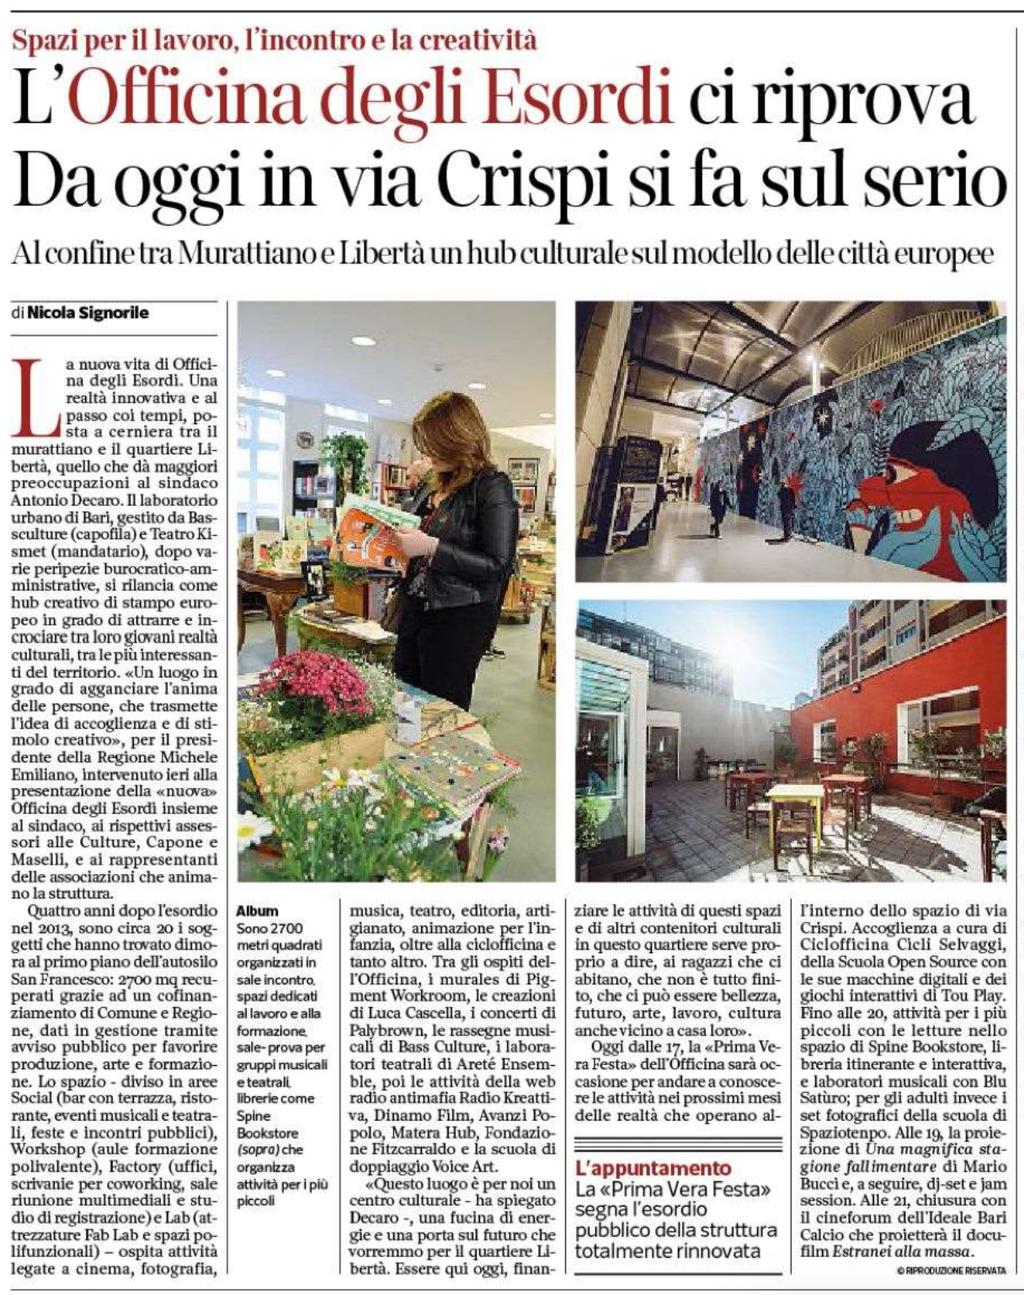 Corriere del Mezzogiorno 21-3-2018